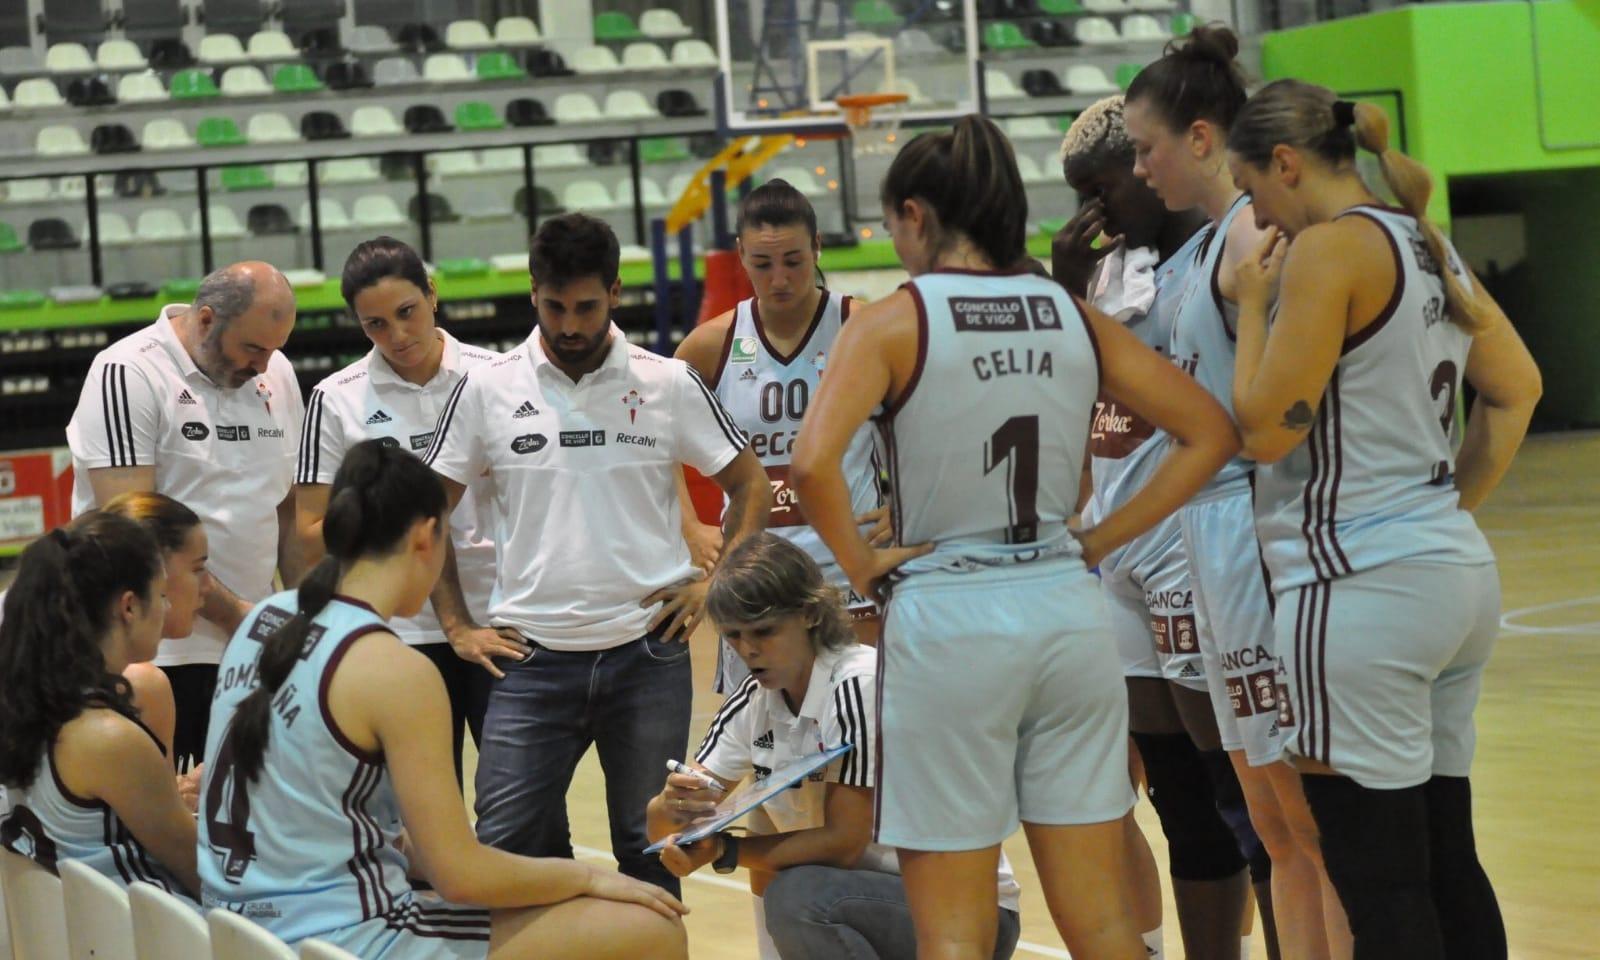 Cristina Cantero, adestradora do Celta Zorka Recalvi / CELTA BALONCESTO